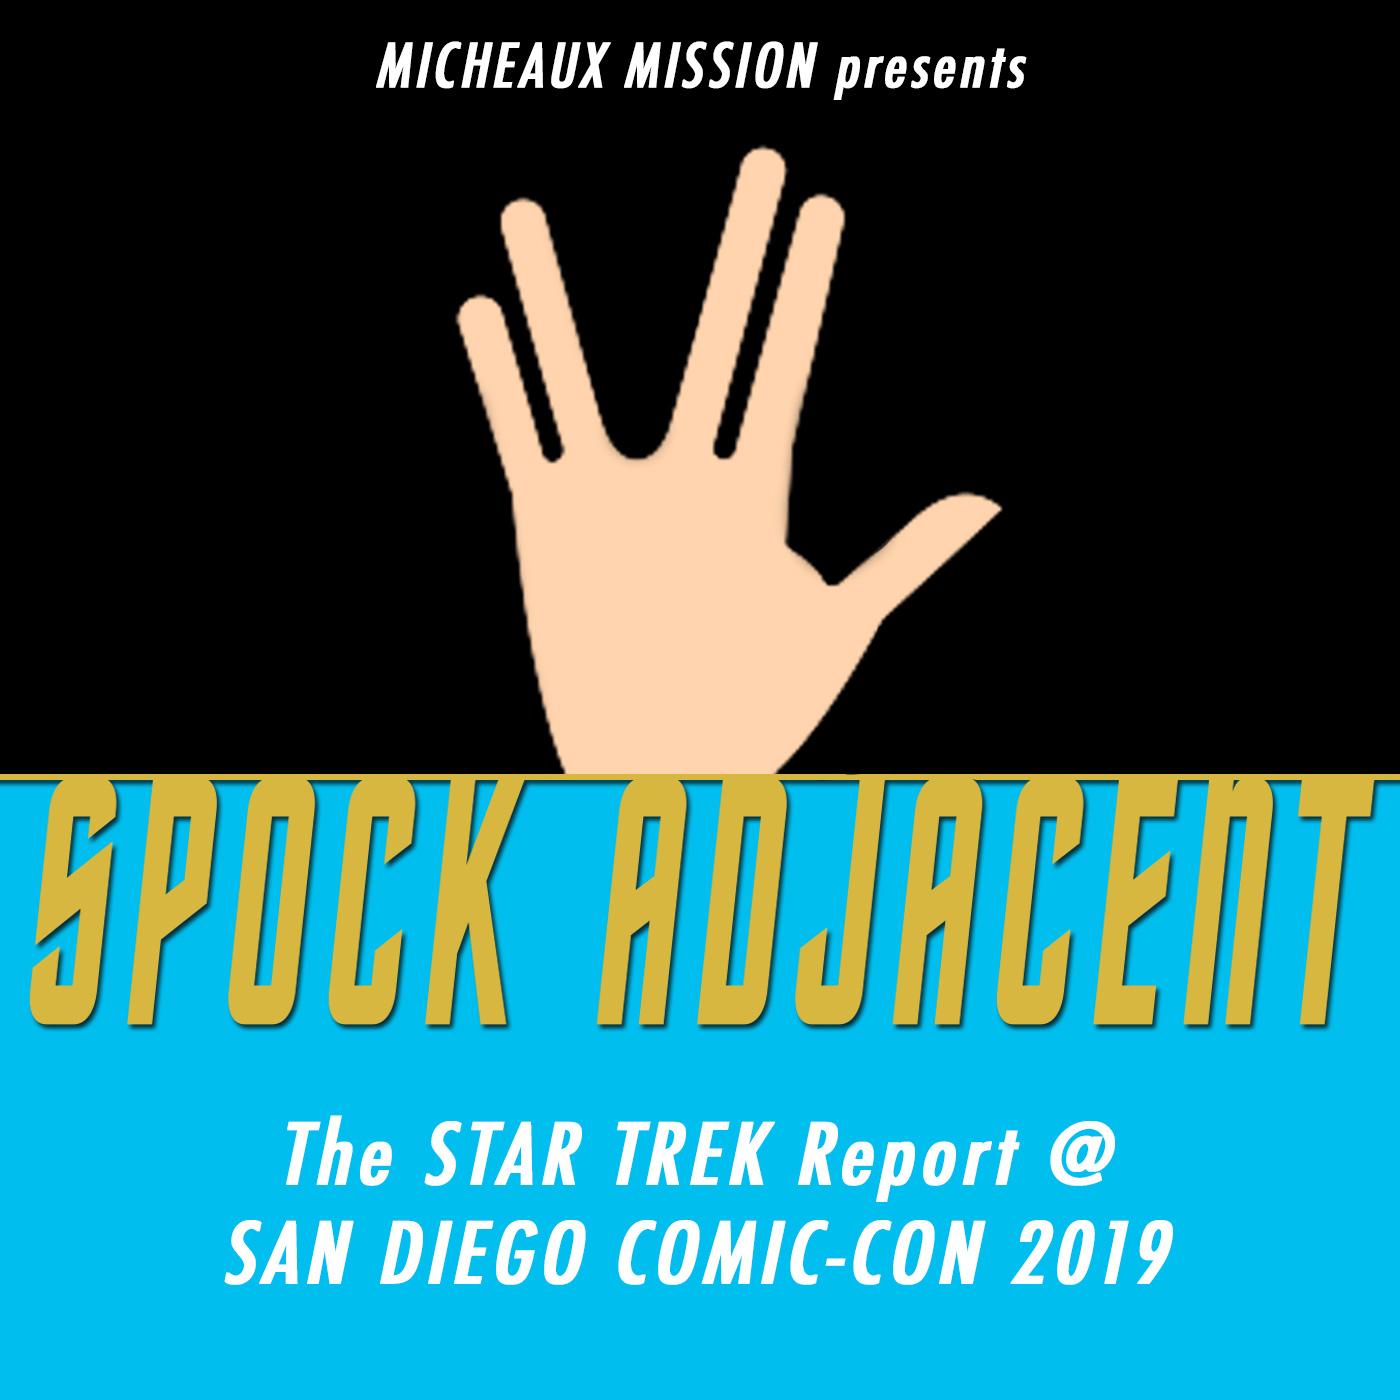 SPOCK ADJACENT 20 - Star Trek @ SDCC 2019